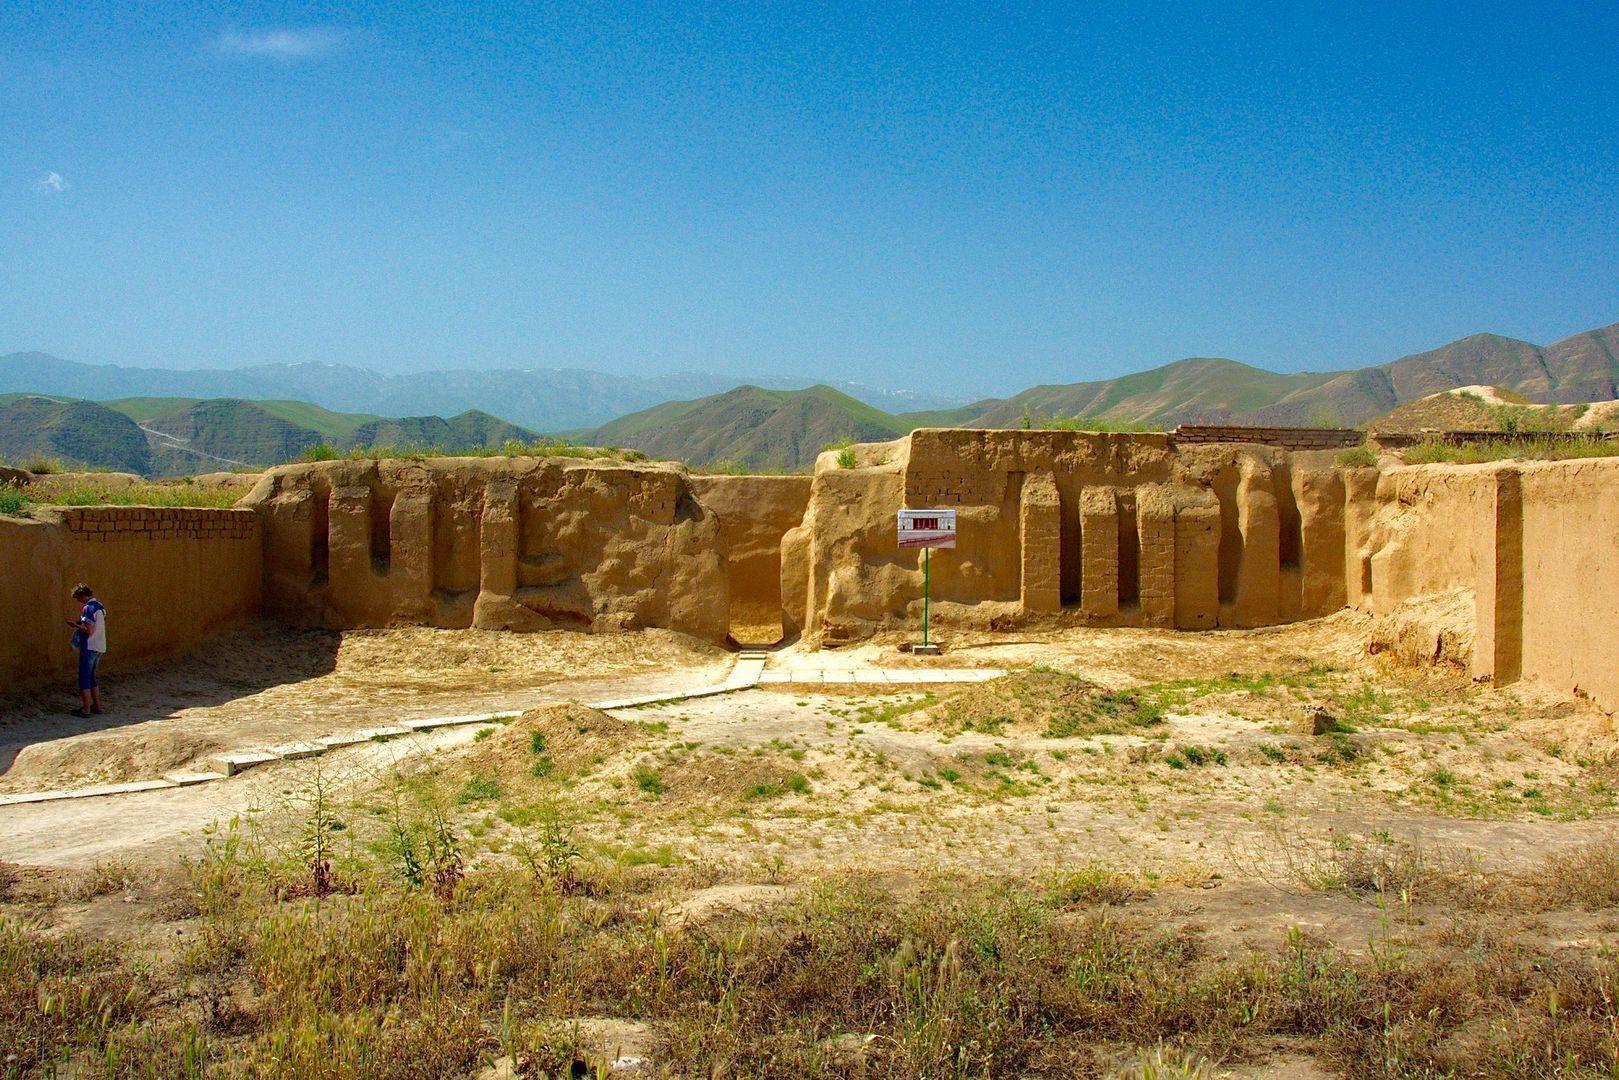 Turkmenistan UNESCO site, Nisa, Central Asia